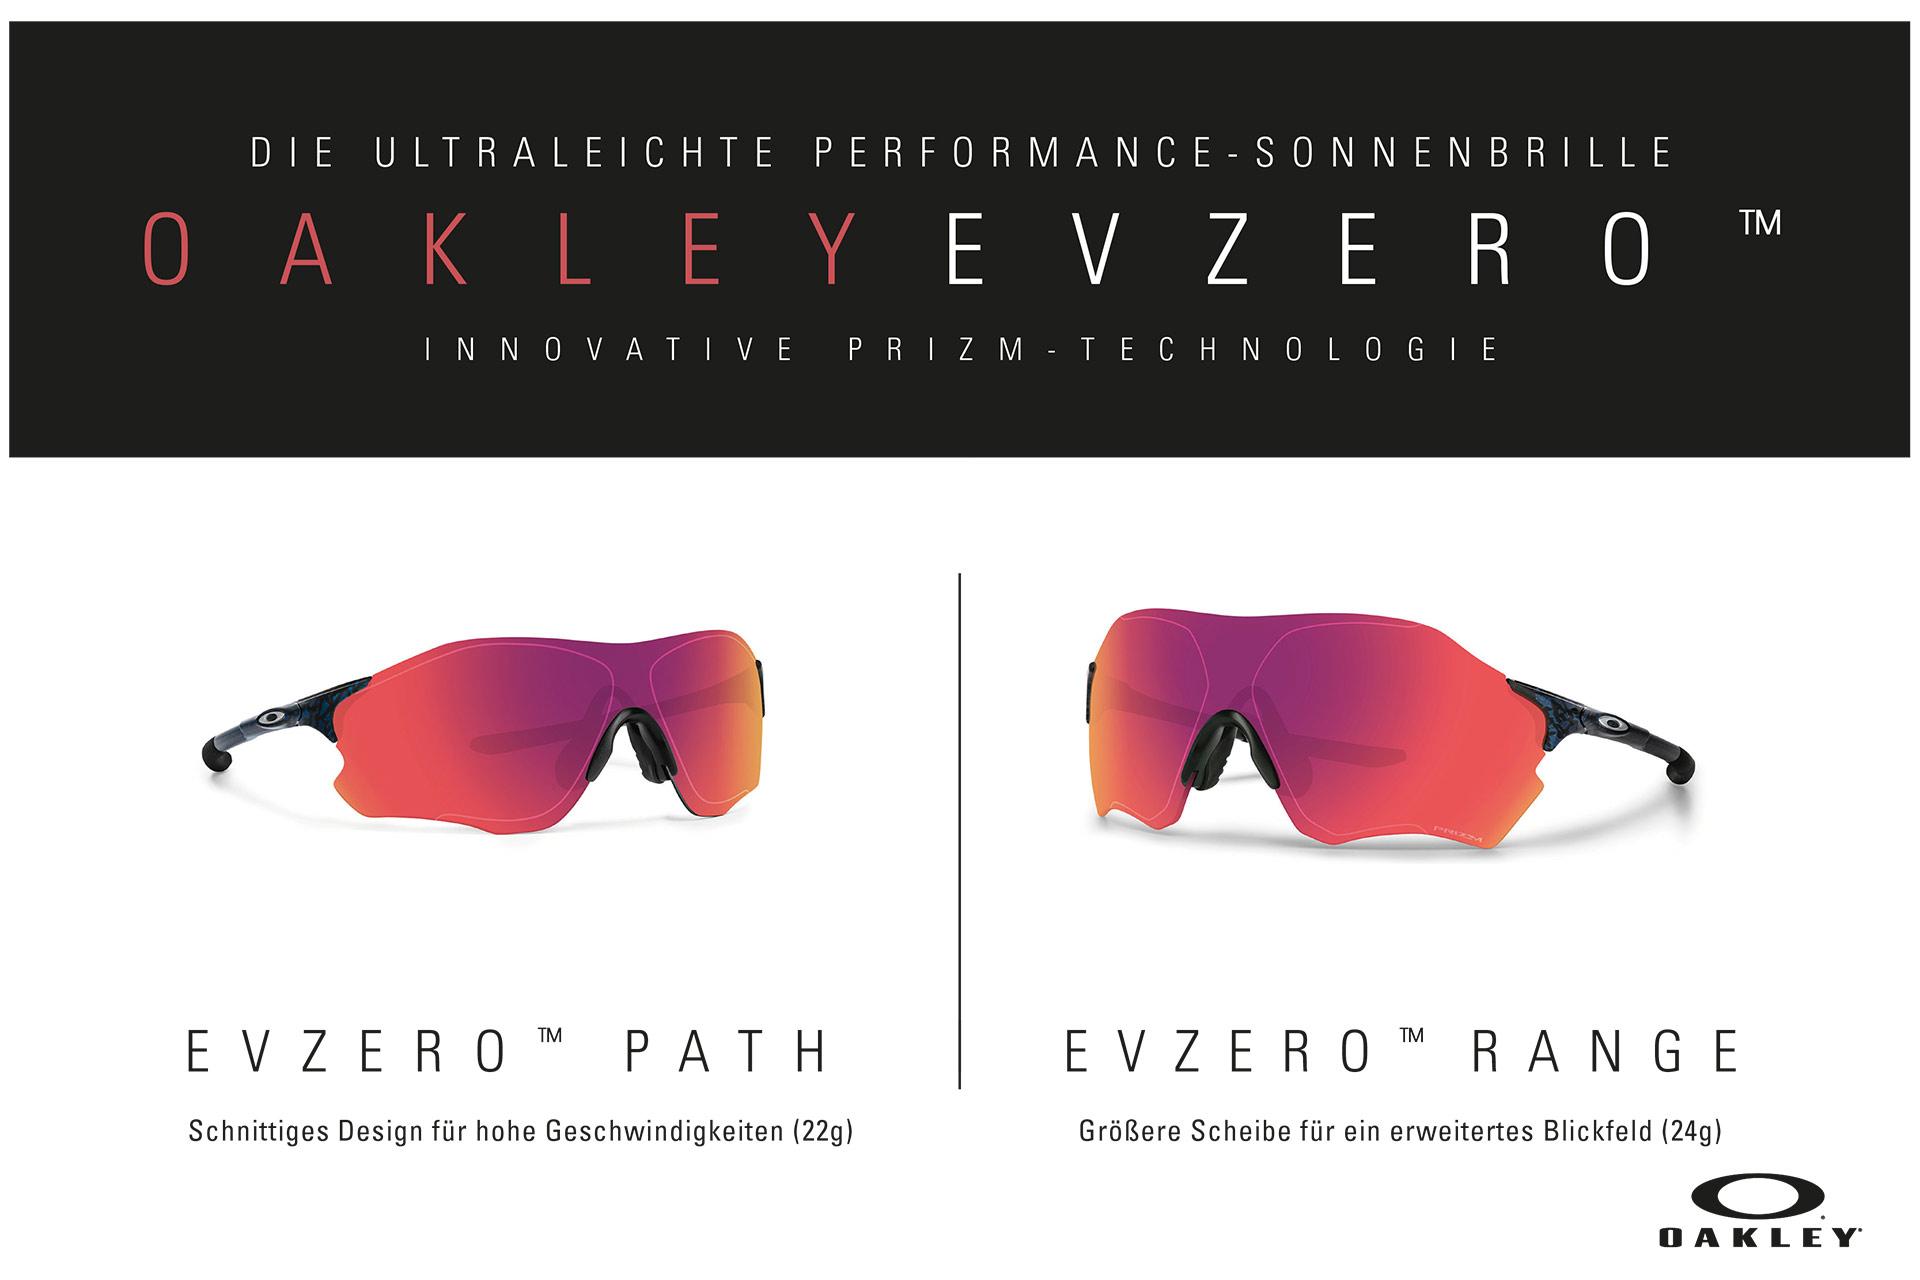 Mit der neuen EVZero Collection präsentiert Oakley seine derzeit leichtesten Sonnenbrillen für Multisport Athleten. Die rahmenlosen Brillen gibt es in zwei verschiedenen Scheibengrößen. Die EVZero path wiegt nur unglaubliche 22 Gramm und die EVZero Range mit grösserem Sichtfeld kommt auf 24 Gramm.